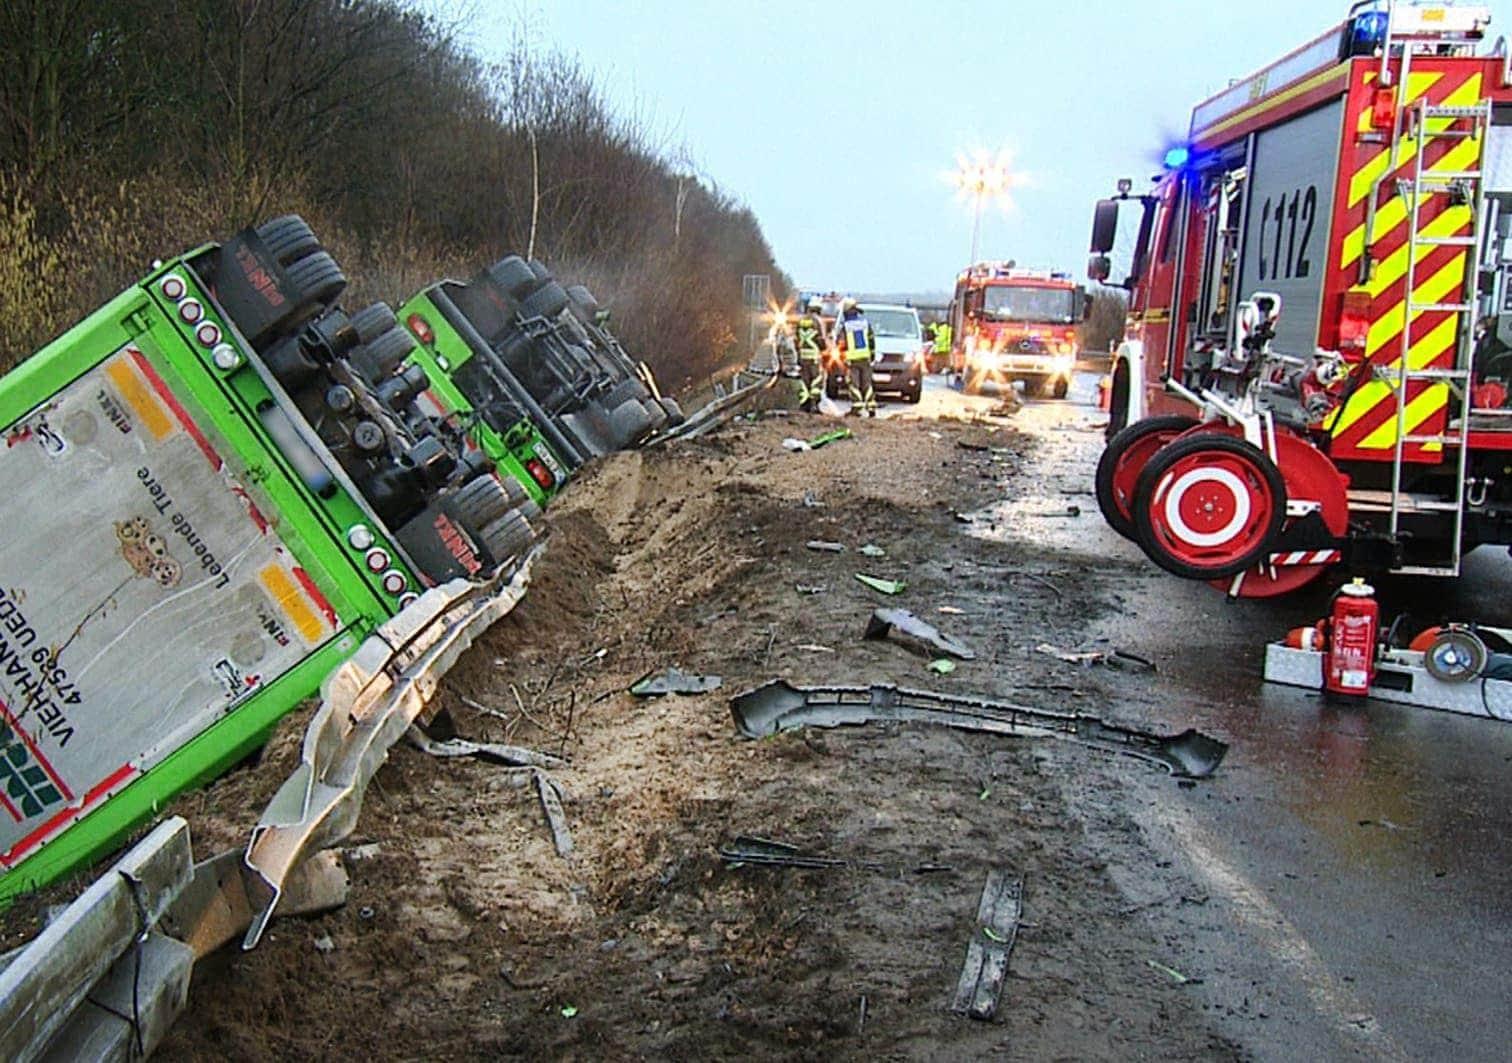 <p>Ein weiterer in den Unfall verwickelter Fahrer kam mit leichteren Blessuren davon.</p> Foto: dpa/Guido Schulmann